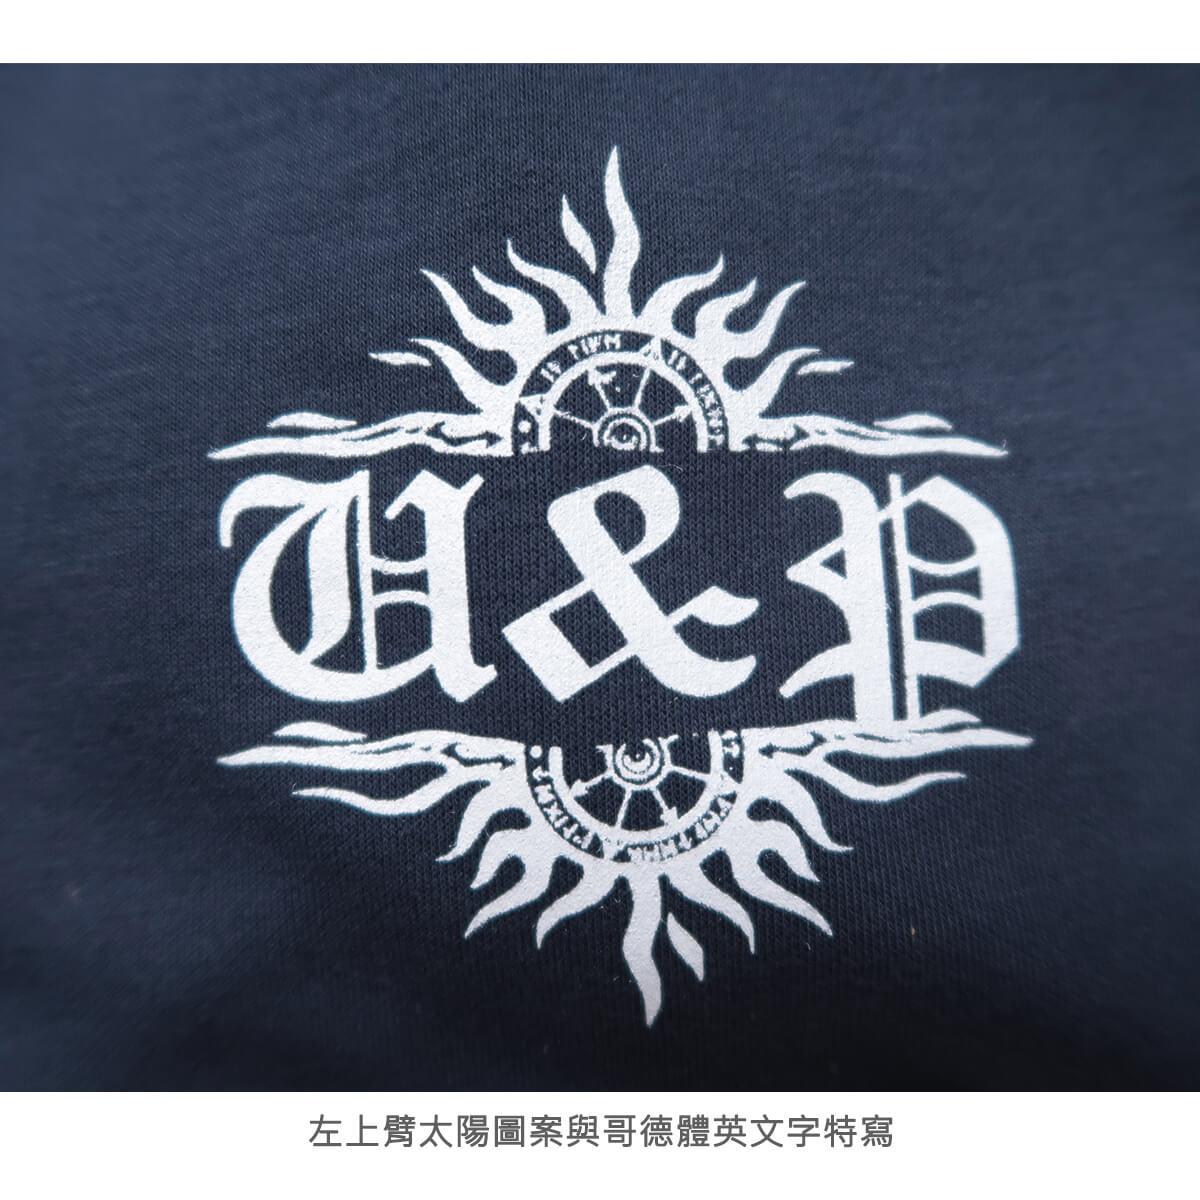 加大尺碼台灣製長袖T恤 哥德體英文字彈性圓領T恤 T-shirt 長袖上衣 休閒長TEE 藍色T恤 黑色T恤 MADE IN TAIWAN NAVY BLUE BIG_AND_TALL (310-0860-08)海軍藍、(310-0860-21)黑色 4L 6L(胸圍52~57英吋) [實體店面保障] sun-e 7